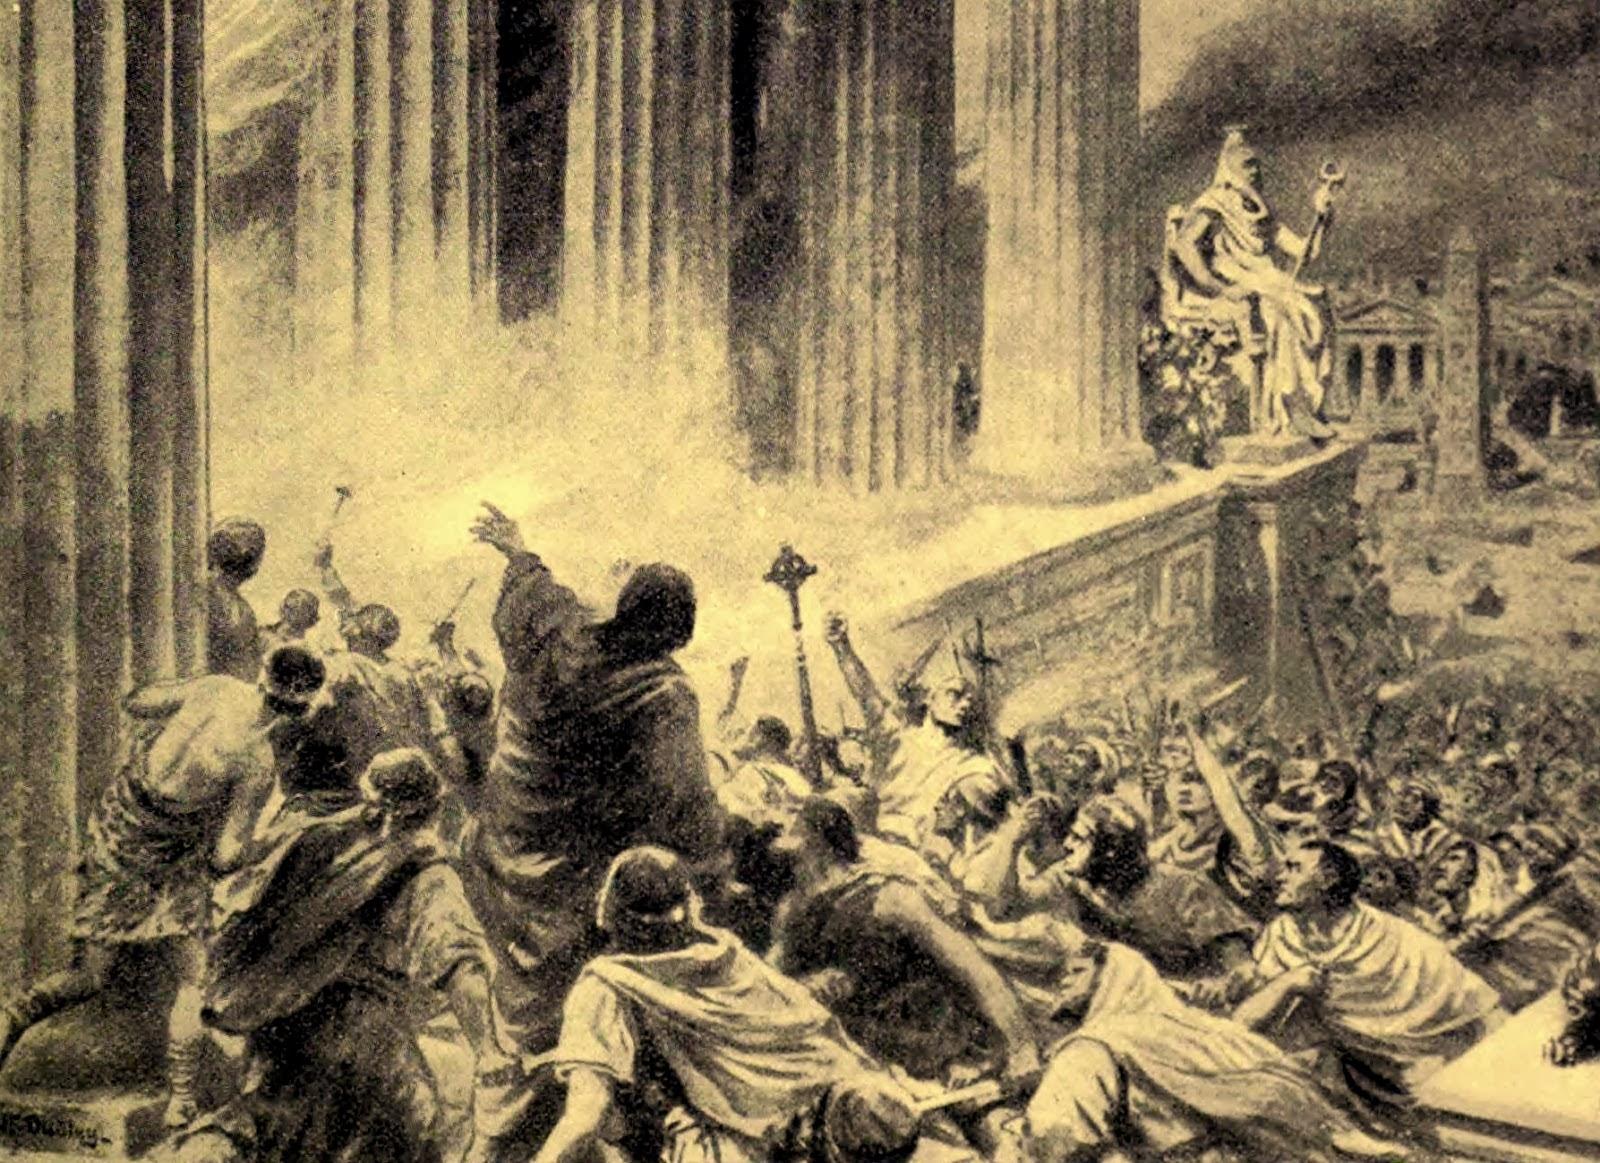 Η καταστροφή της βιβλιοθήκης της Αλεξάνδρειας